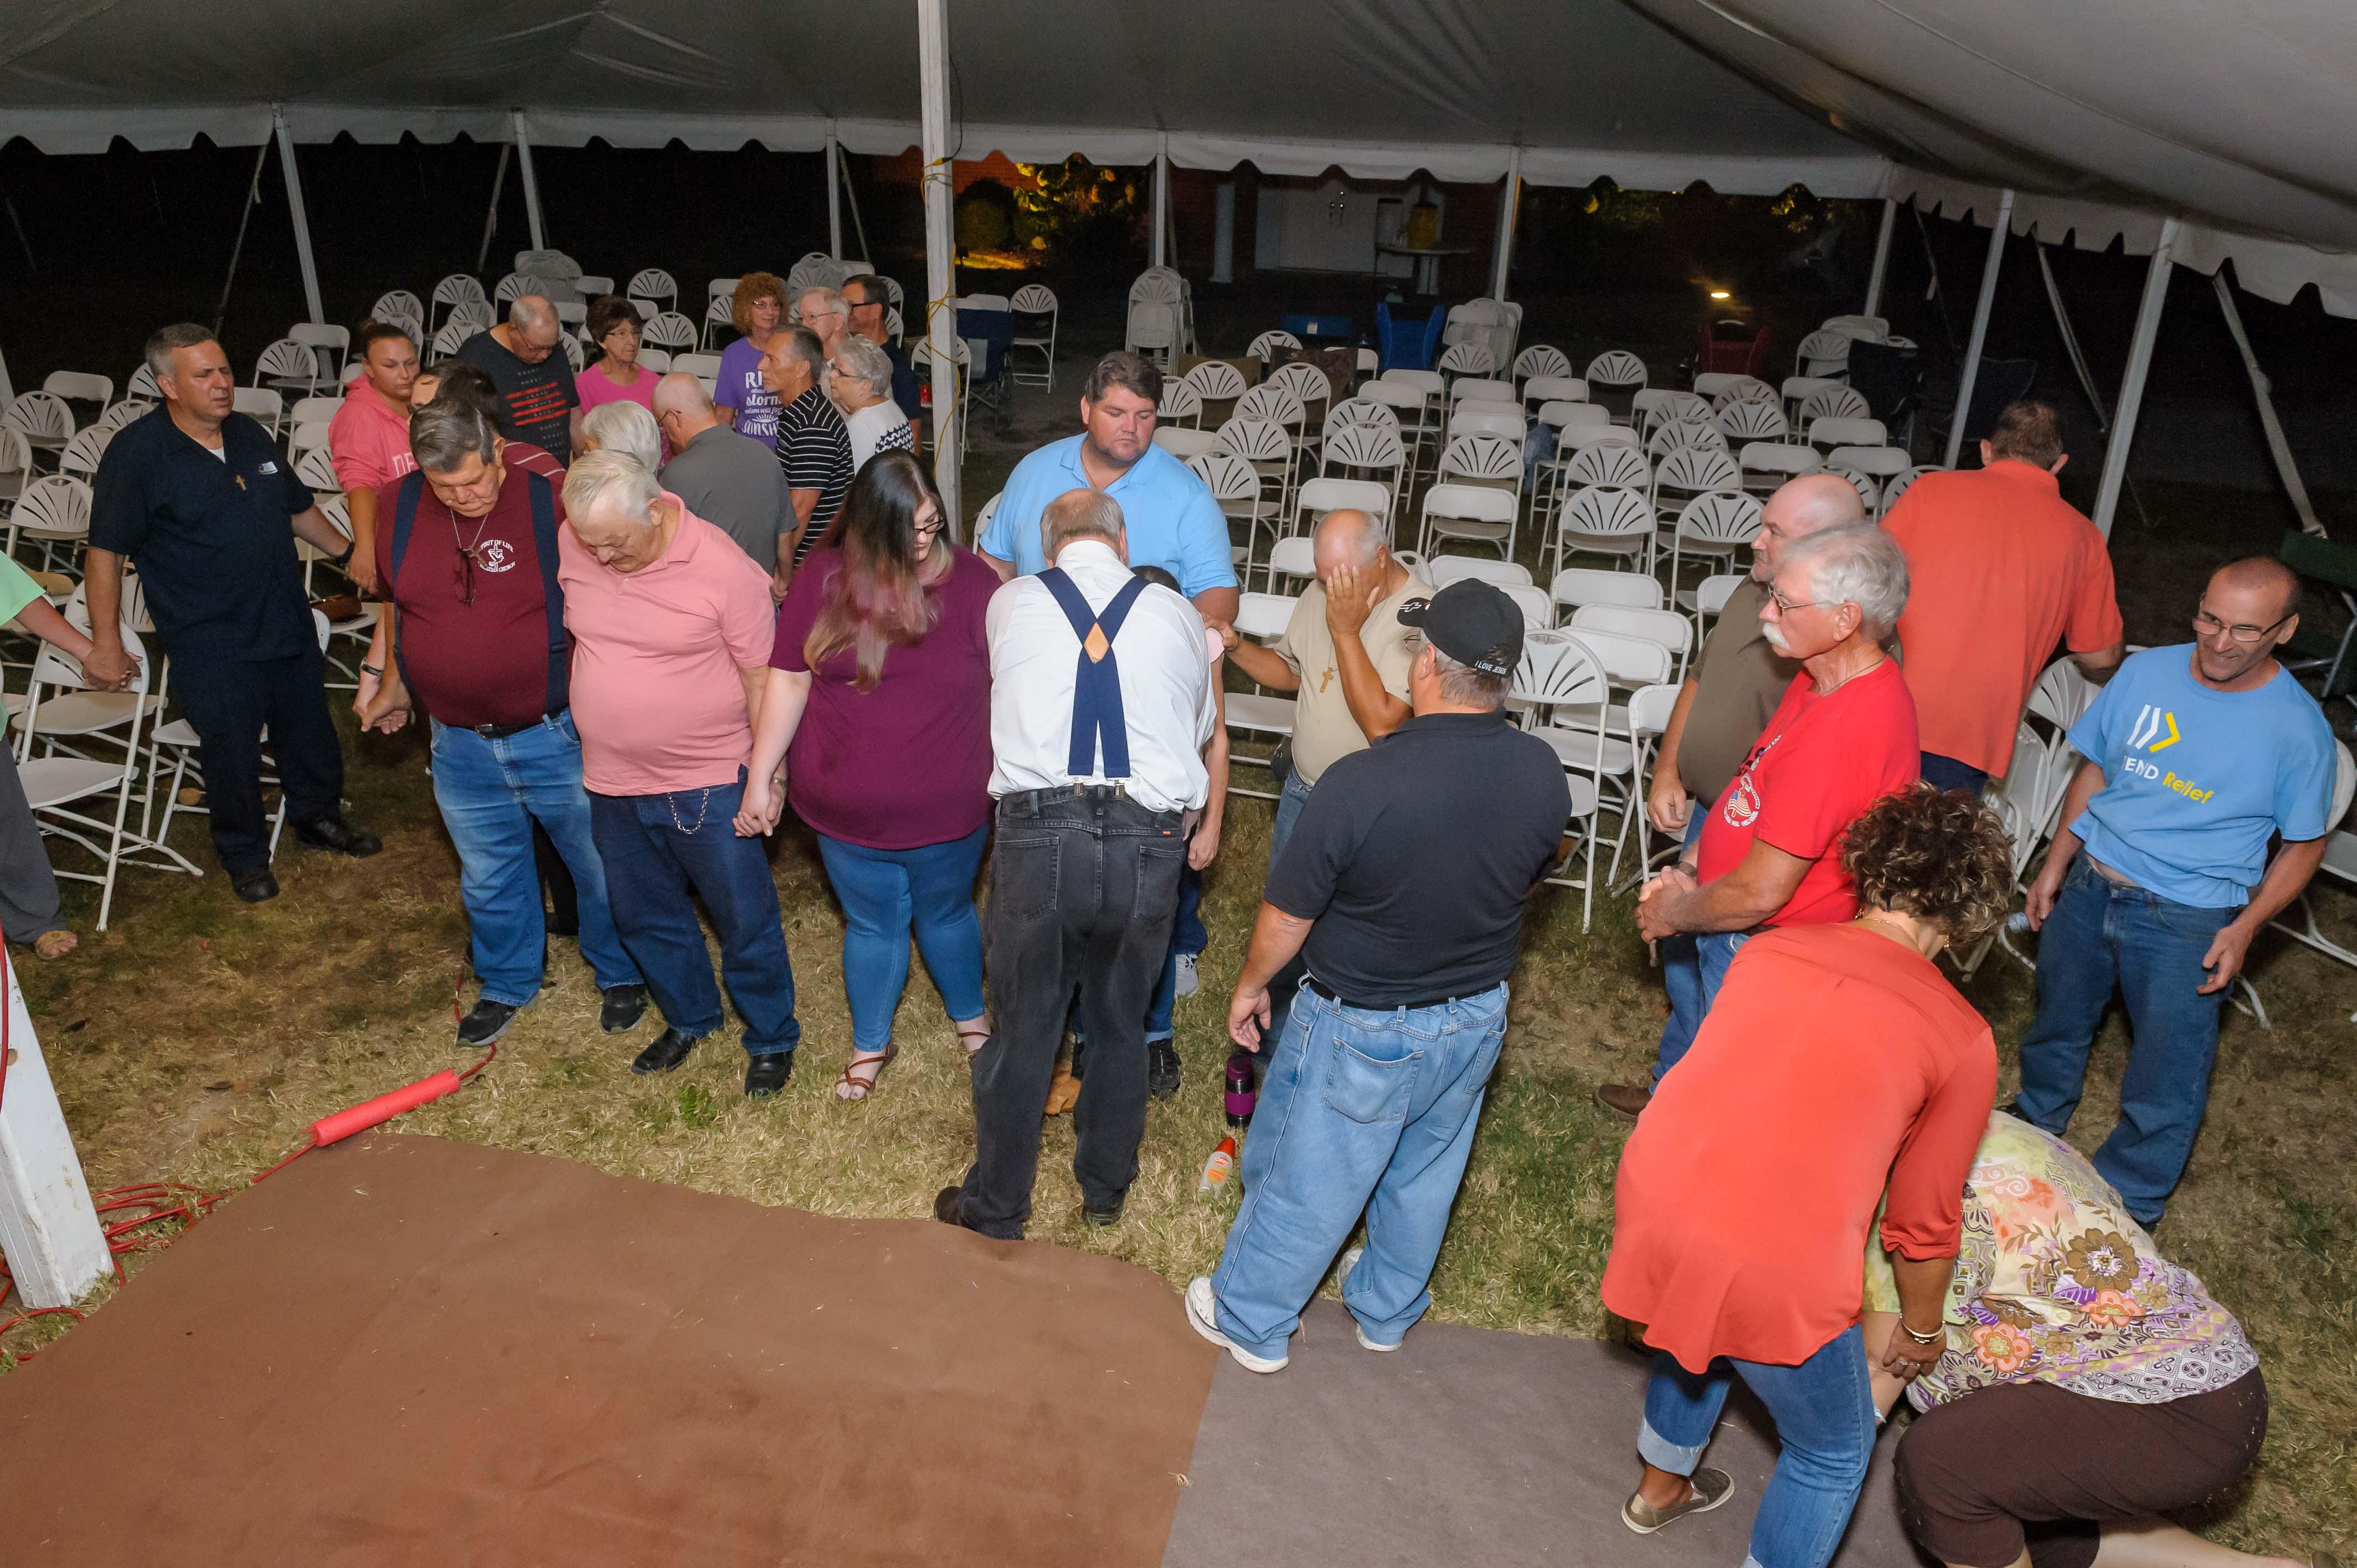 Du Quion tent revival 2019-0645